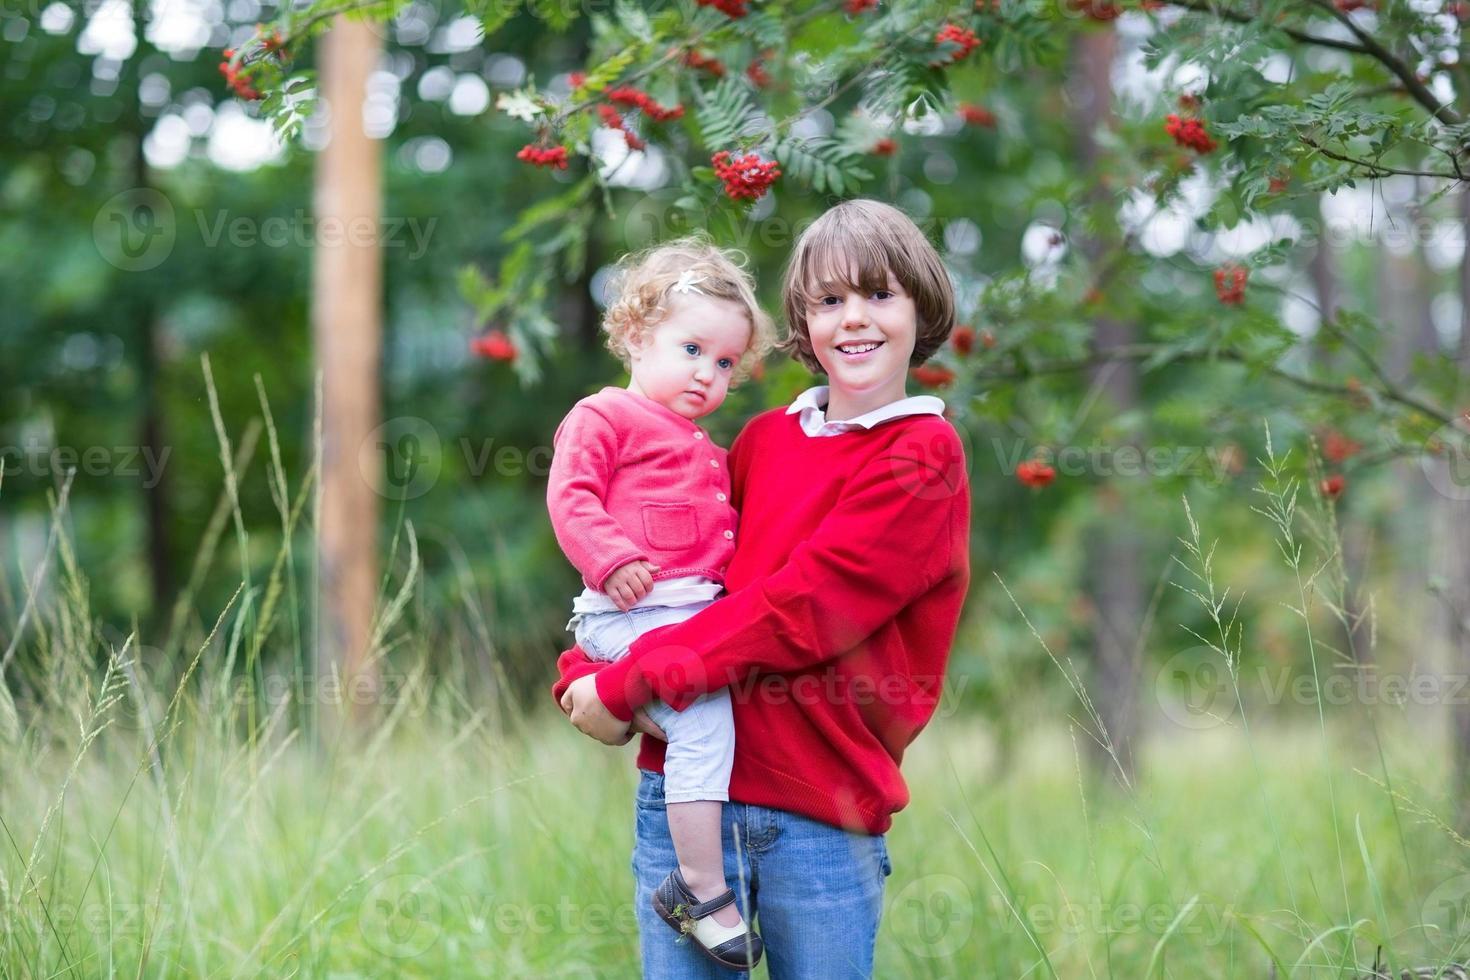 süßer Junge, der seine kleine Schwester hält, die im Herbstpark spielt foto